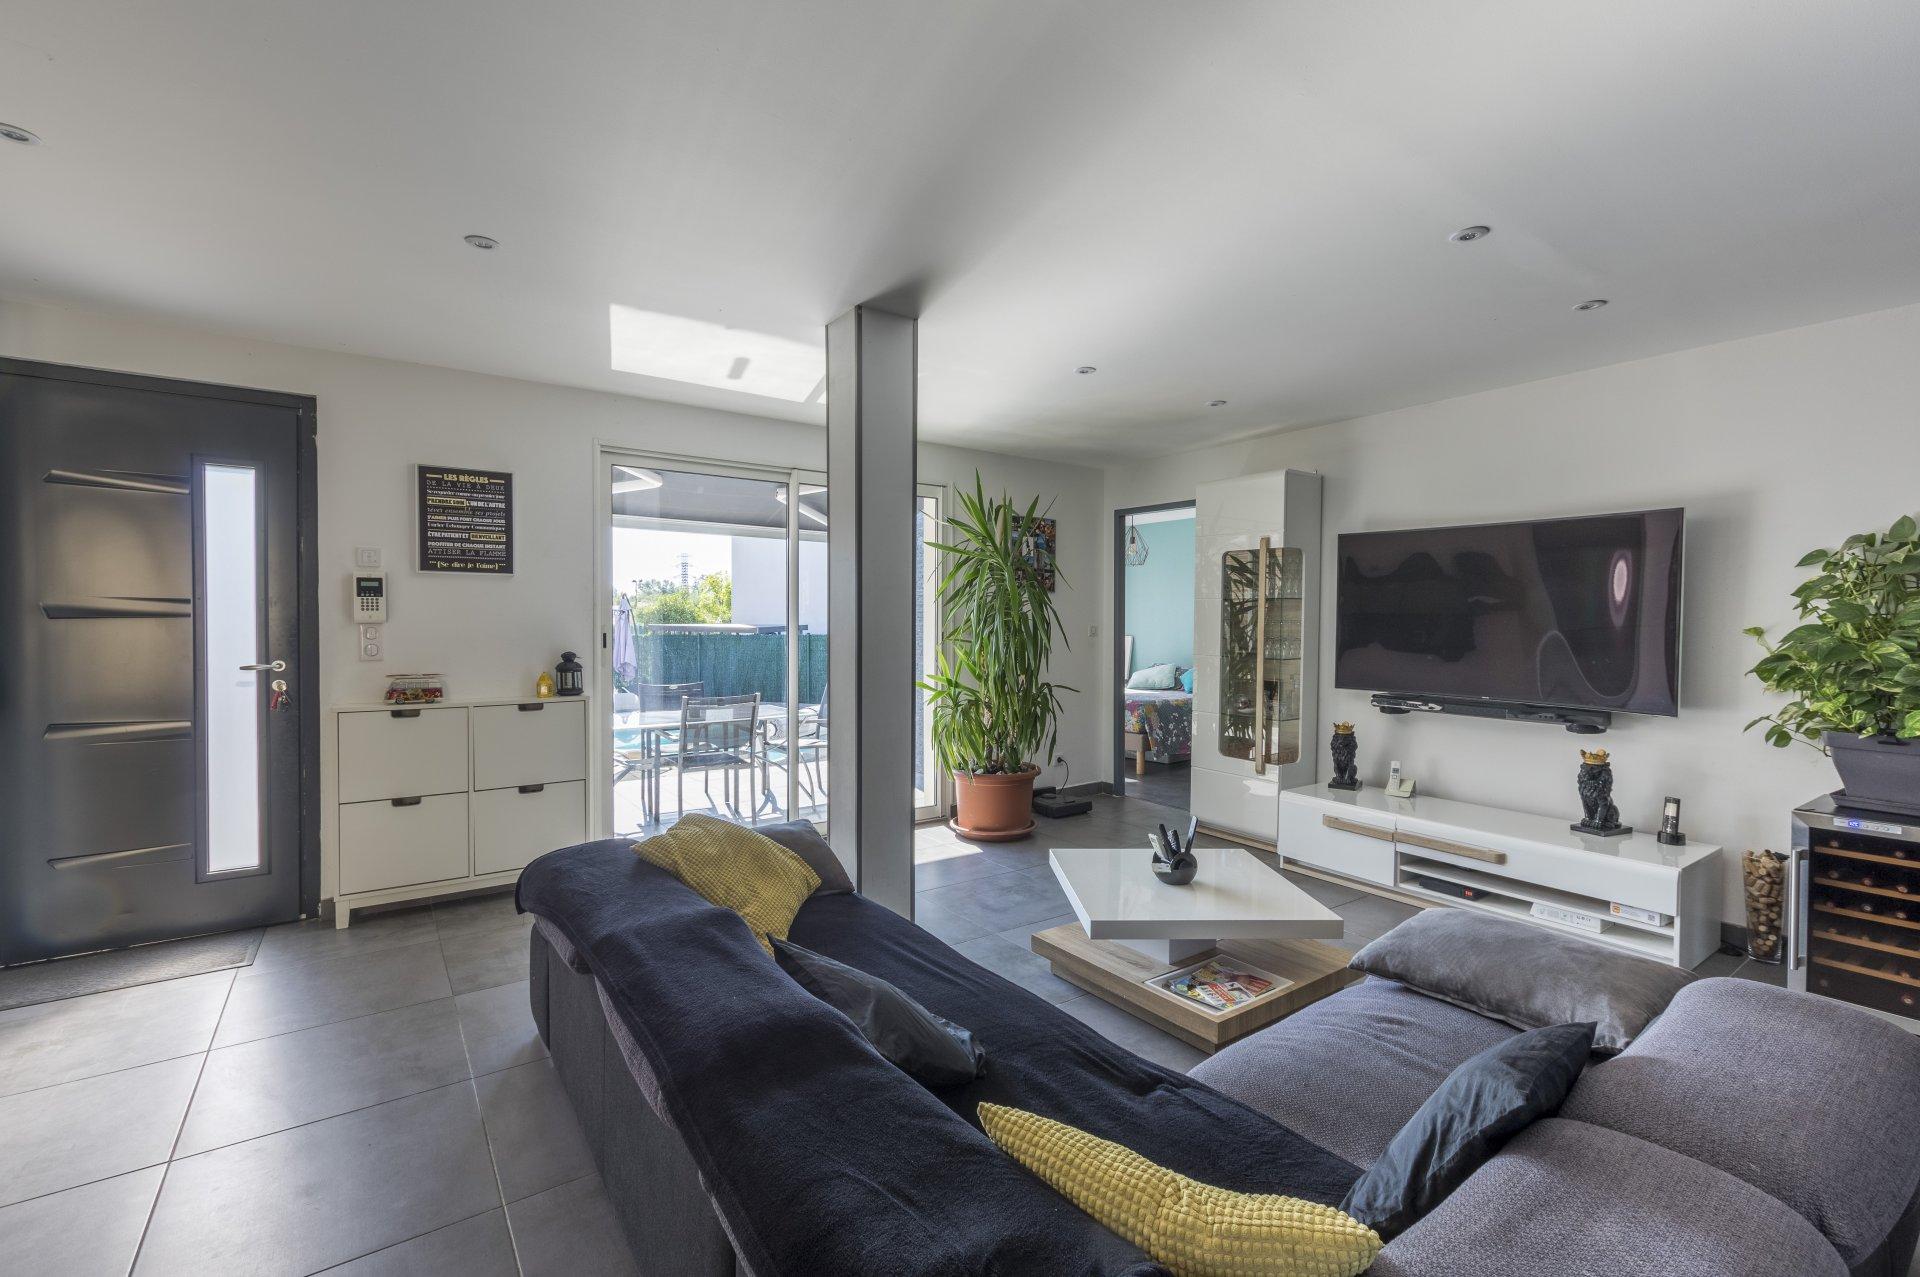 Dpt Hérault (34), à vendre GRABELS maison P5 de 120,87 m² - Terrain de 425,00 m² + piscine + garage + abri